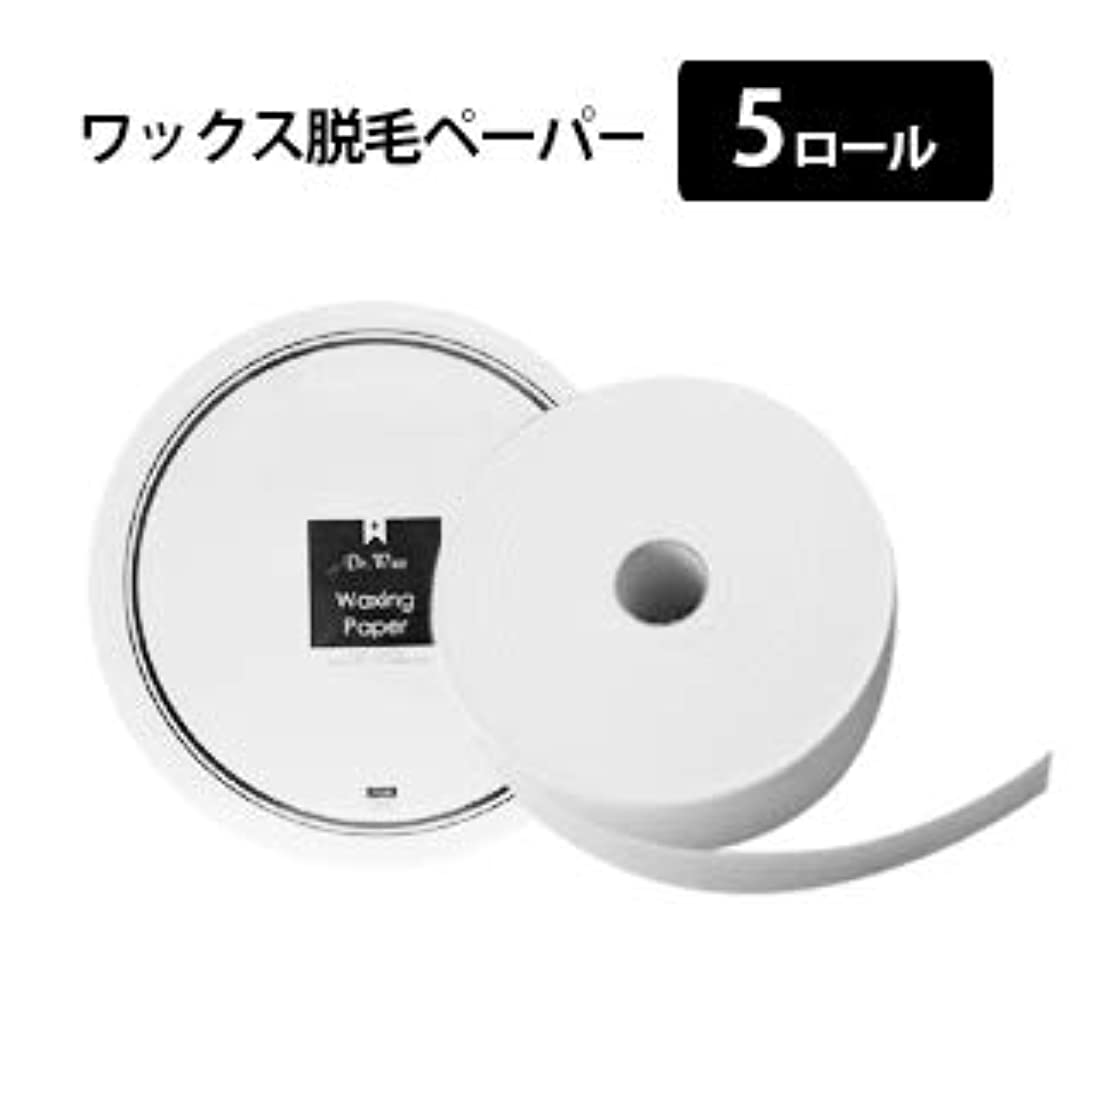 コレクションチラチラする幻影【5ロール】ワックスロールペーパー 7cm スパンレース素材